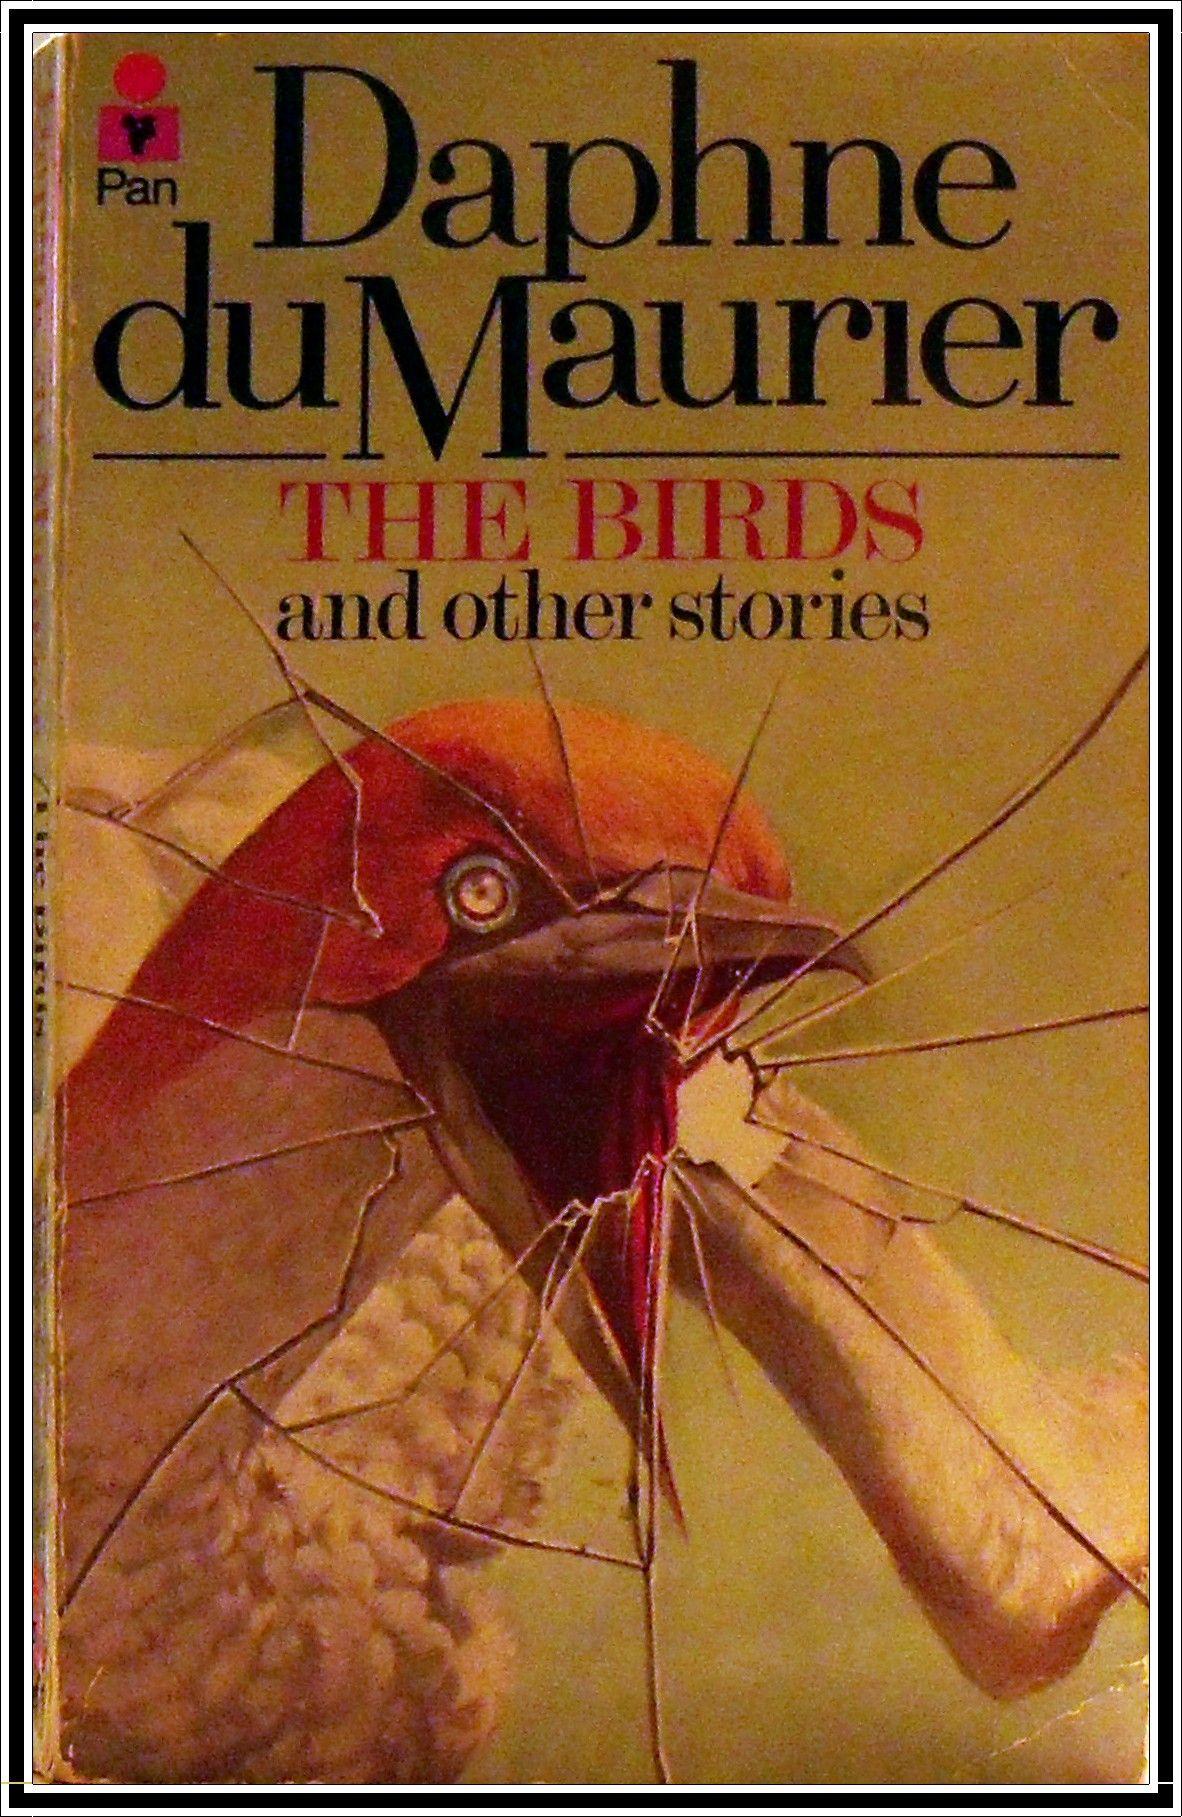 daphne du maurier quotes | BIOGRAPHIES: Daphnee du Maurier